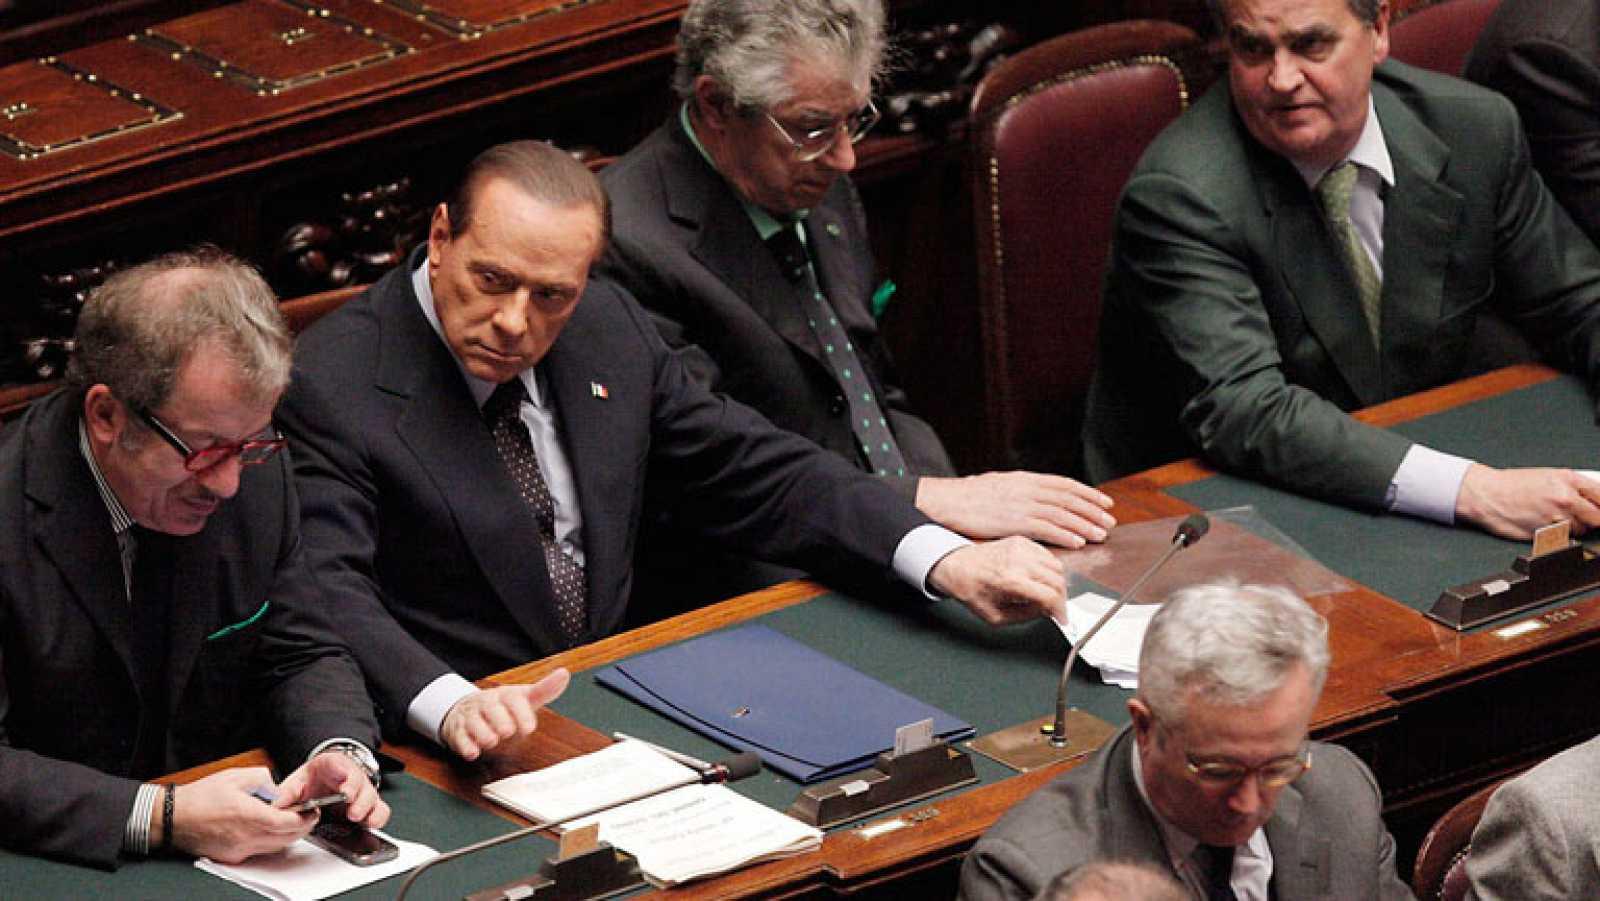 El primer ministro italiano, Silvio Berlusconi, ha perdido la mayoría en el Parlamento en una votación decisiva que le pone al borde de la dimisión después de haber sido abandonado por varios de sus diputados.